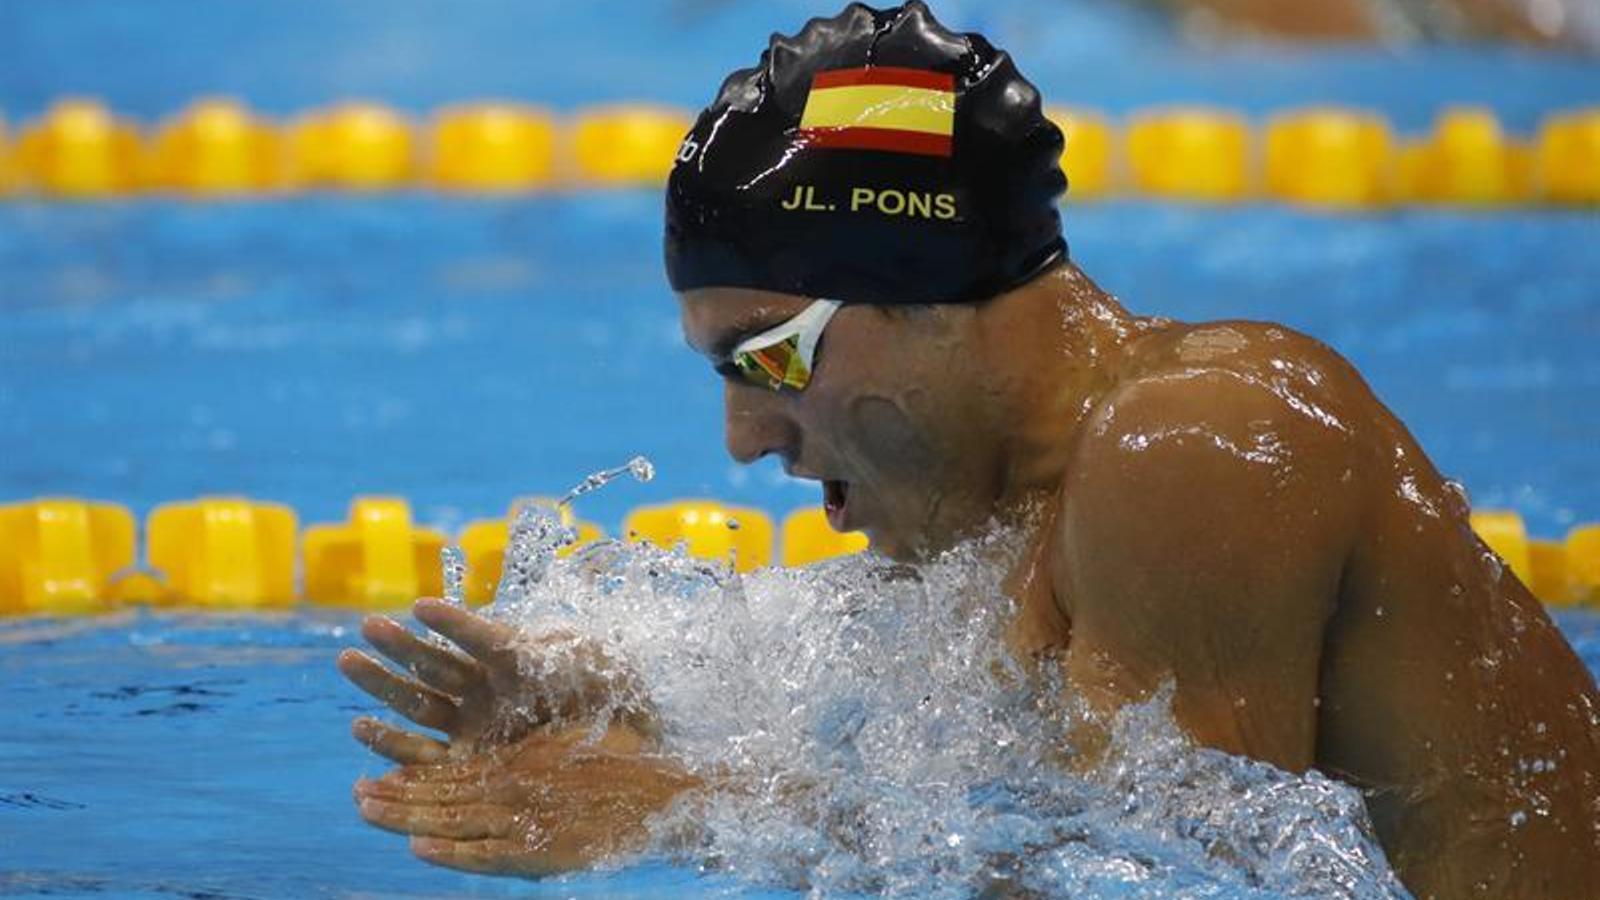 Joan Lluís Pons en acció.